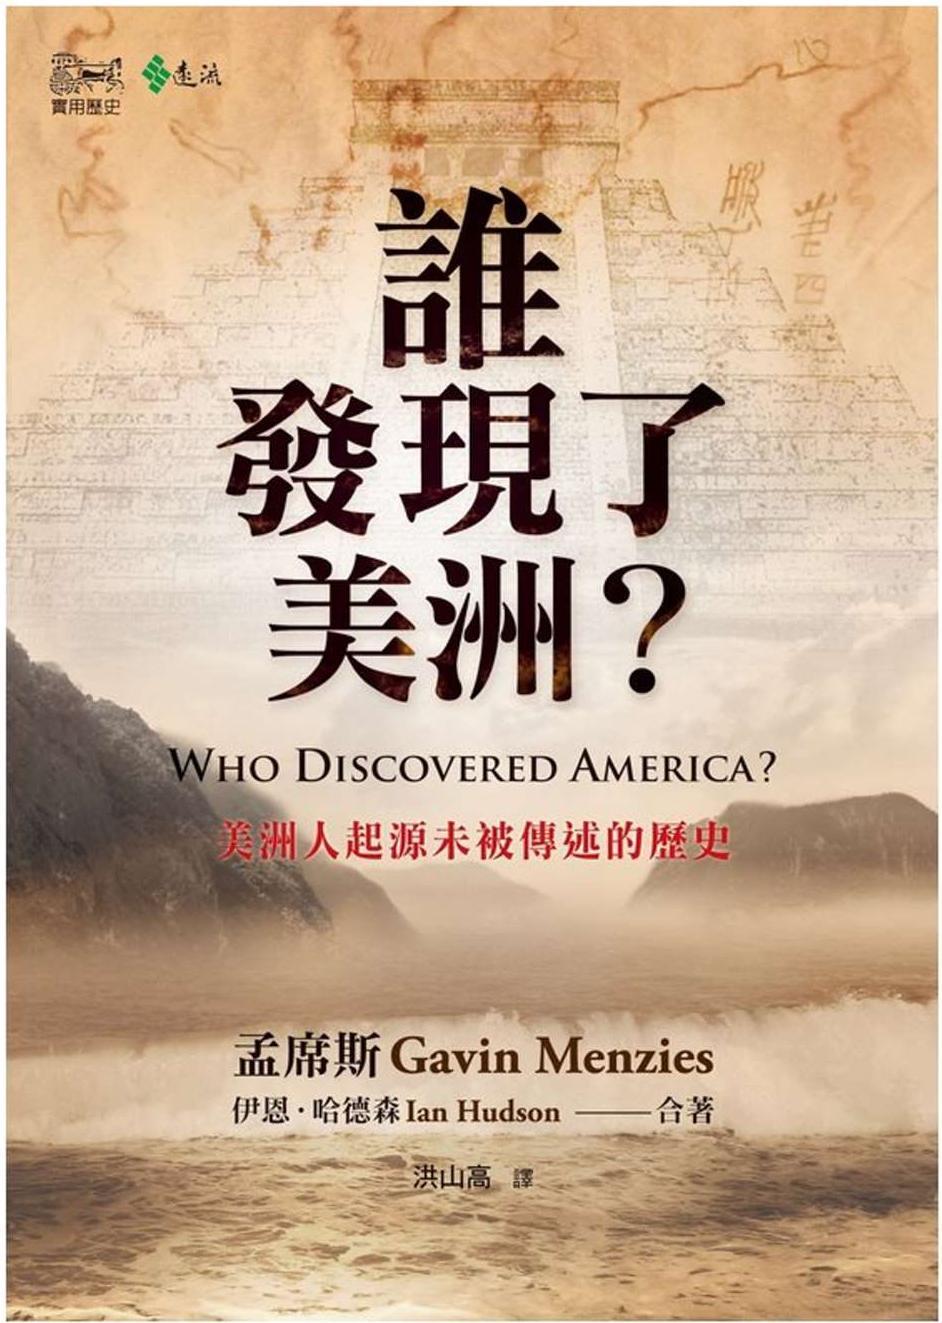 誰發現了美洲